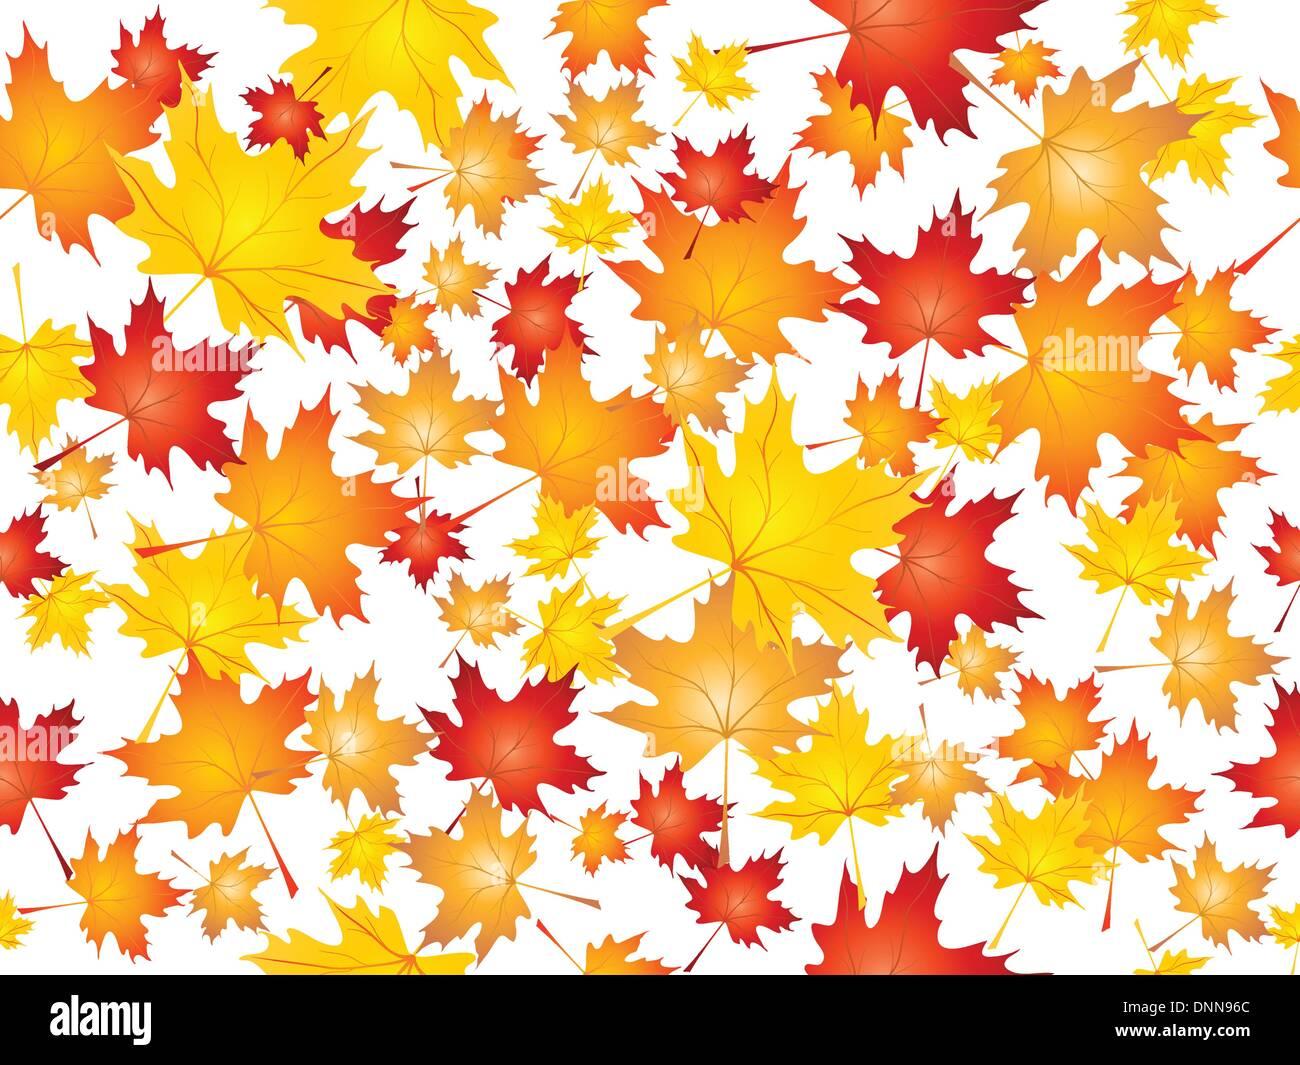 Hintergrund der fallenden Ahorn-Blätter Stockbild